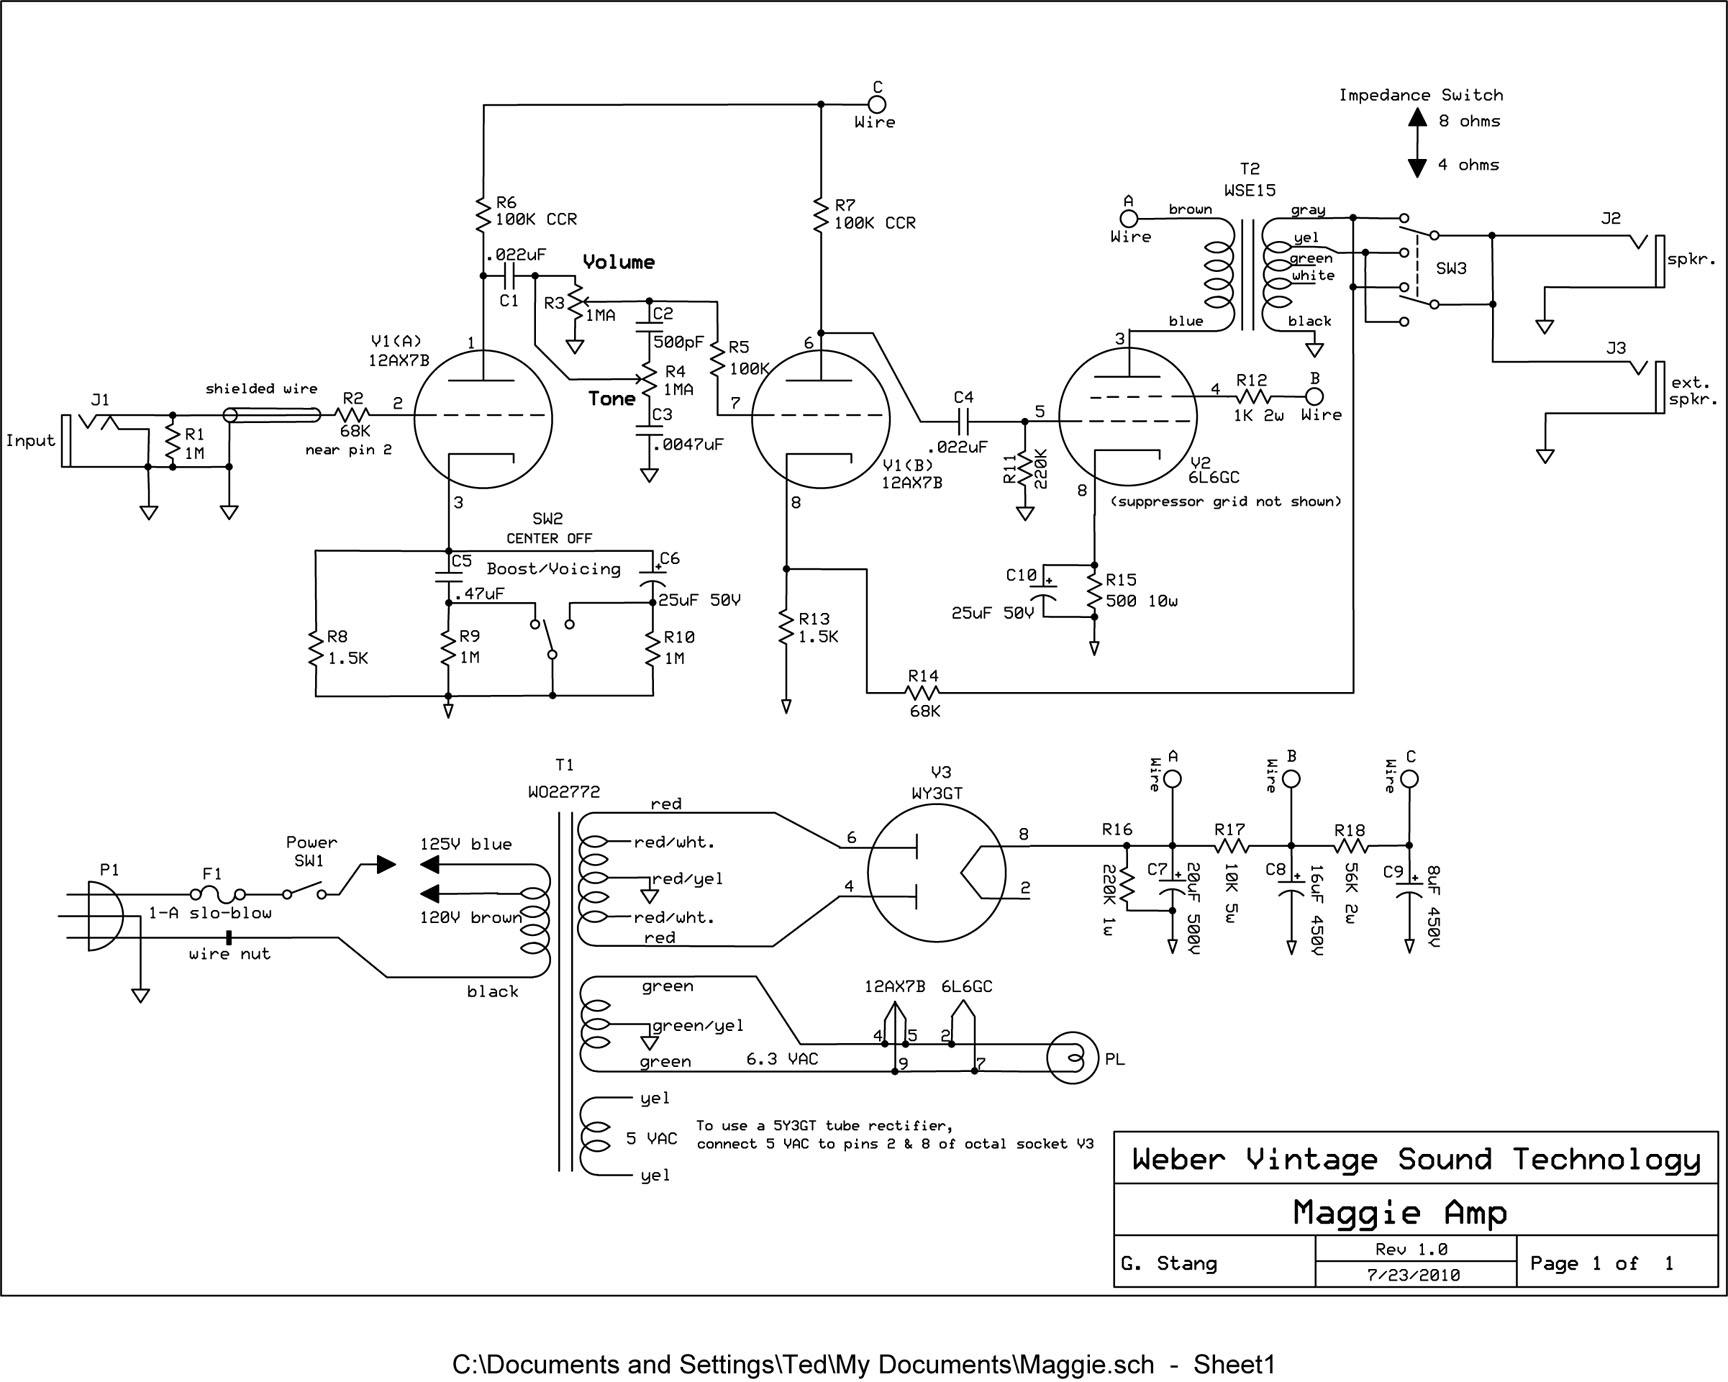 Elenco dei Kit di ampli a valvole con relativi link - 01 - diyitalia